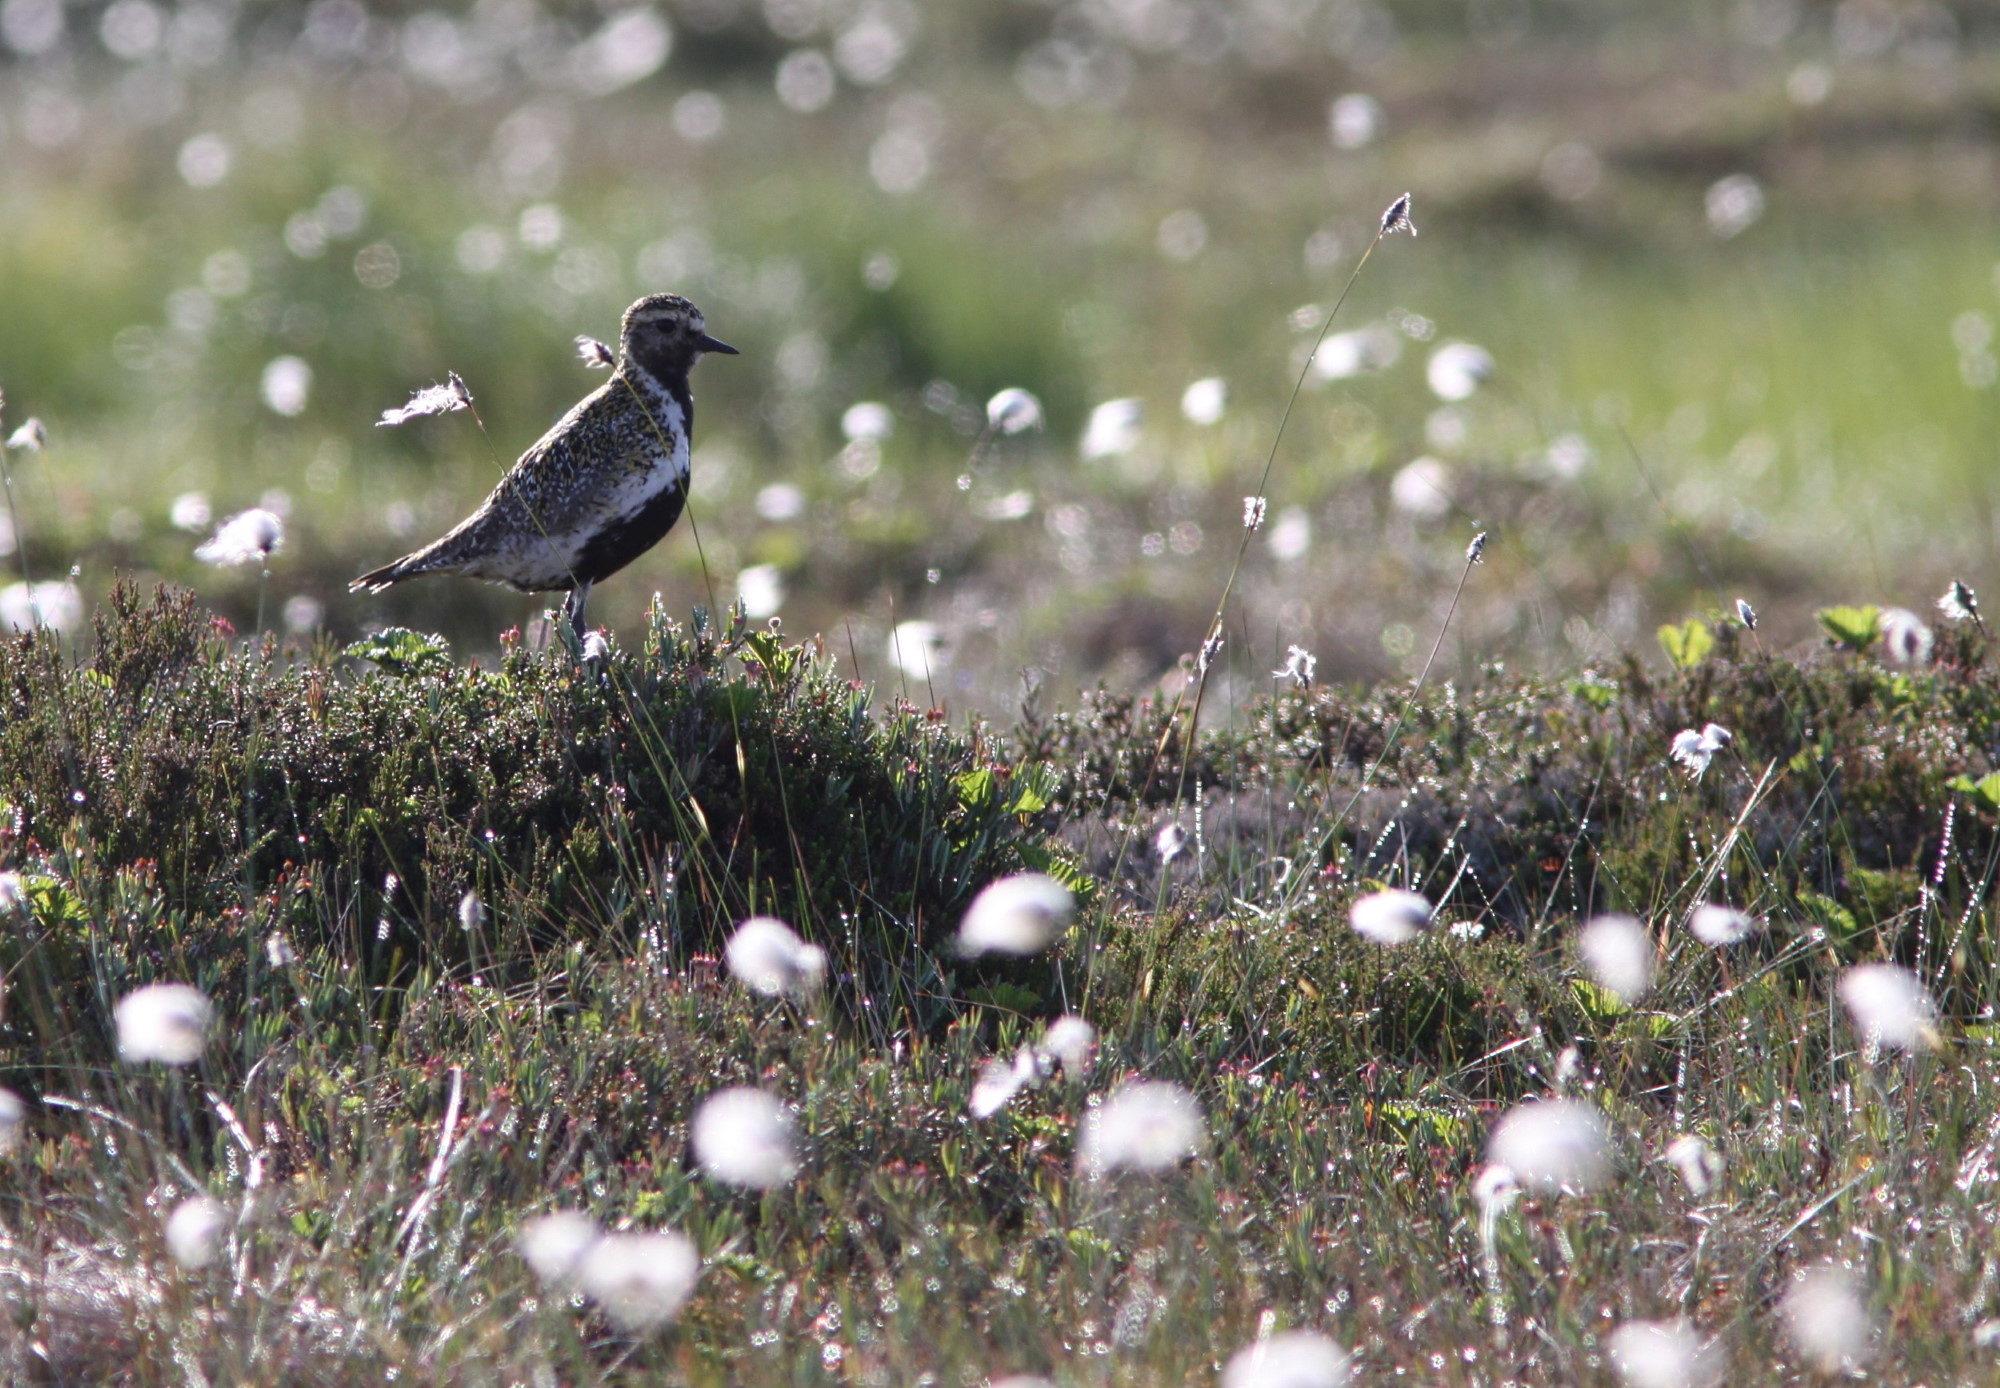 Taikapolkun lintupaikat soilla ja nevoilla - Suuret erämaiset suot ovat kesäisin täynnä elämää. Parhailla soilla linnut ovat pääosissa ja etenkin aamuisin tunnelma on vahva.